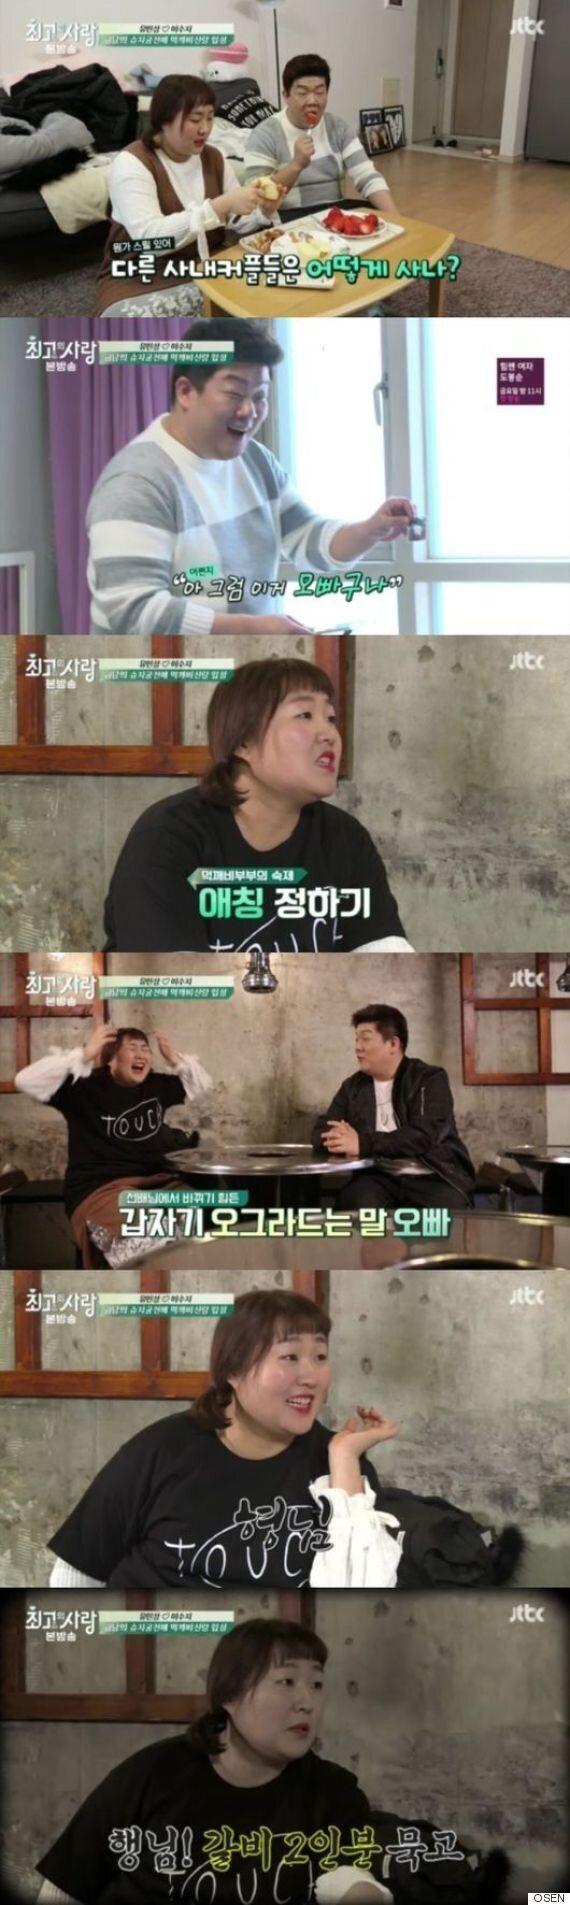 [어저께TV] '님과함께2' 유민상♥이수지, 선후배 벽 언제